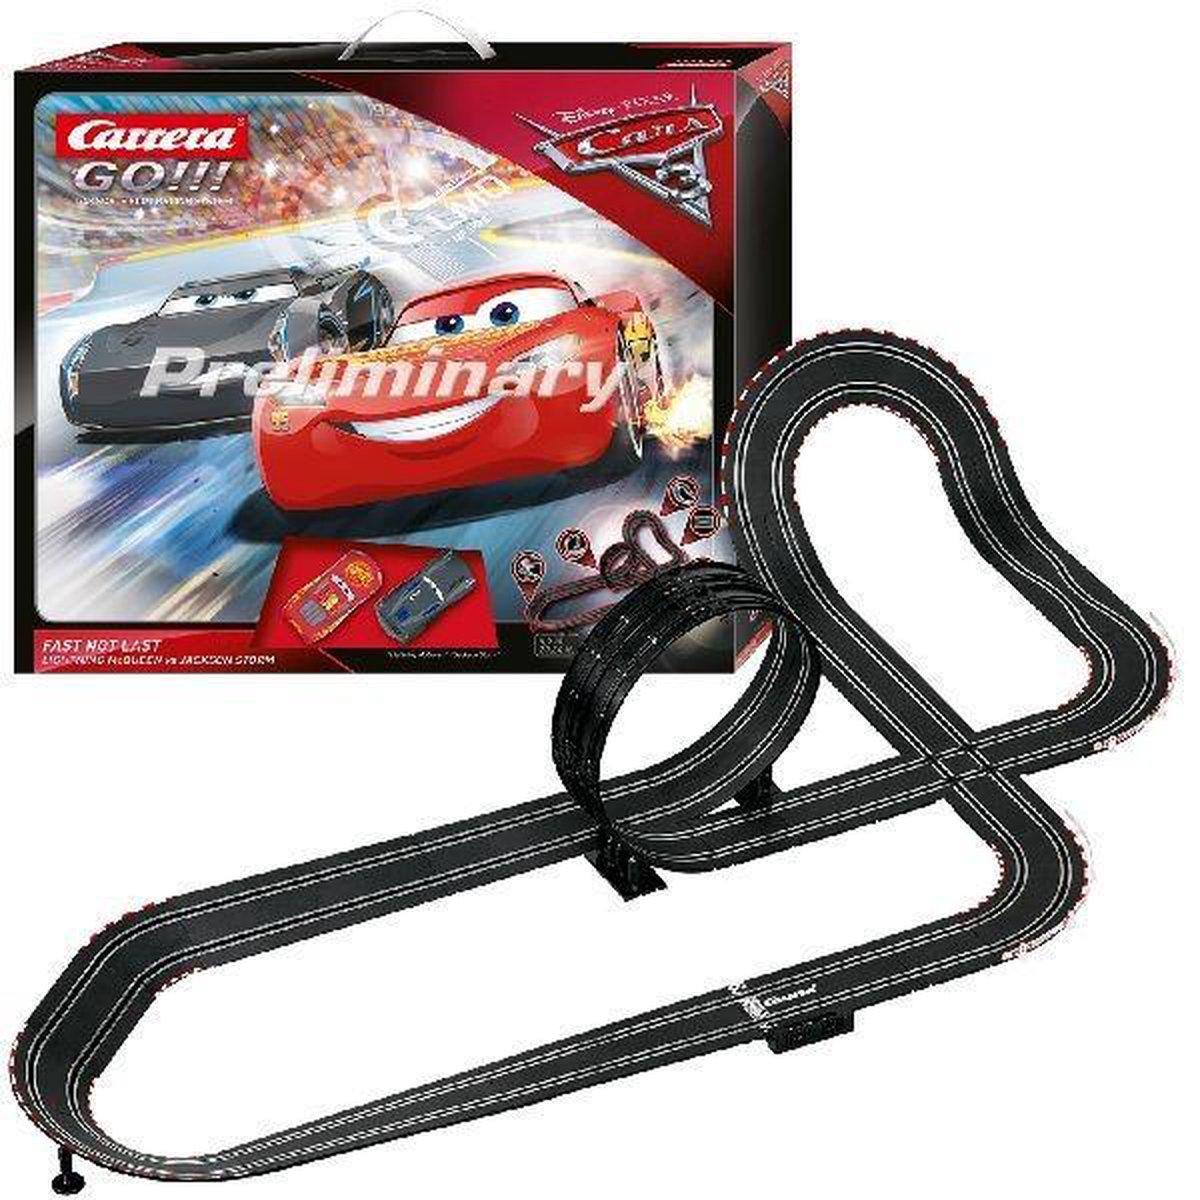 Bol Com Carrera Go Disney Pixar Cars 3 Fast Not Last Racebaan